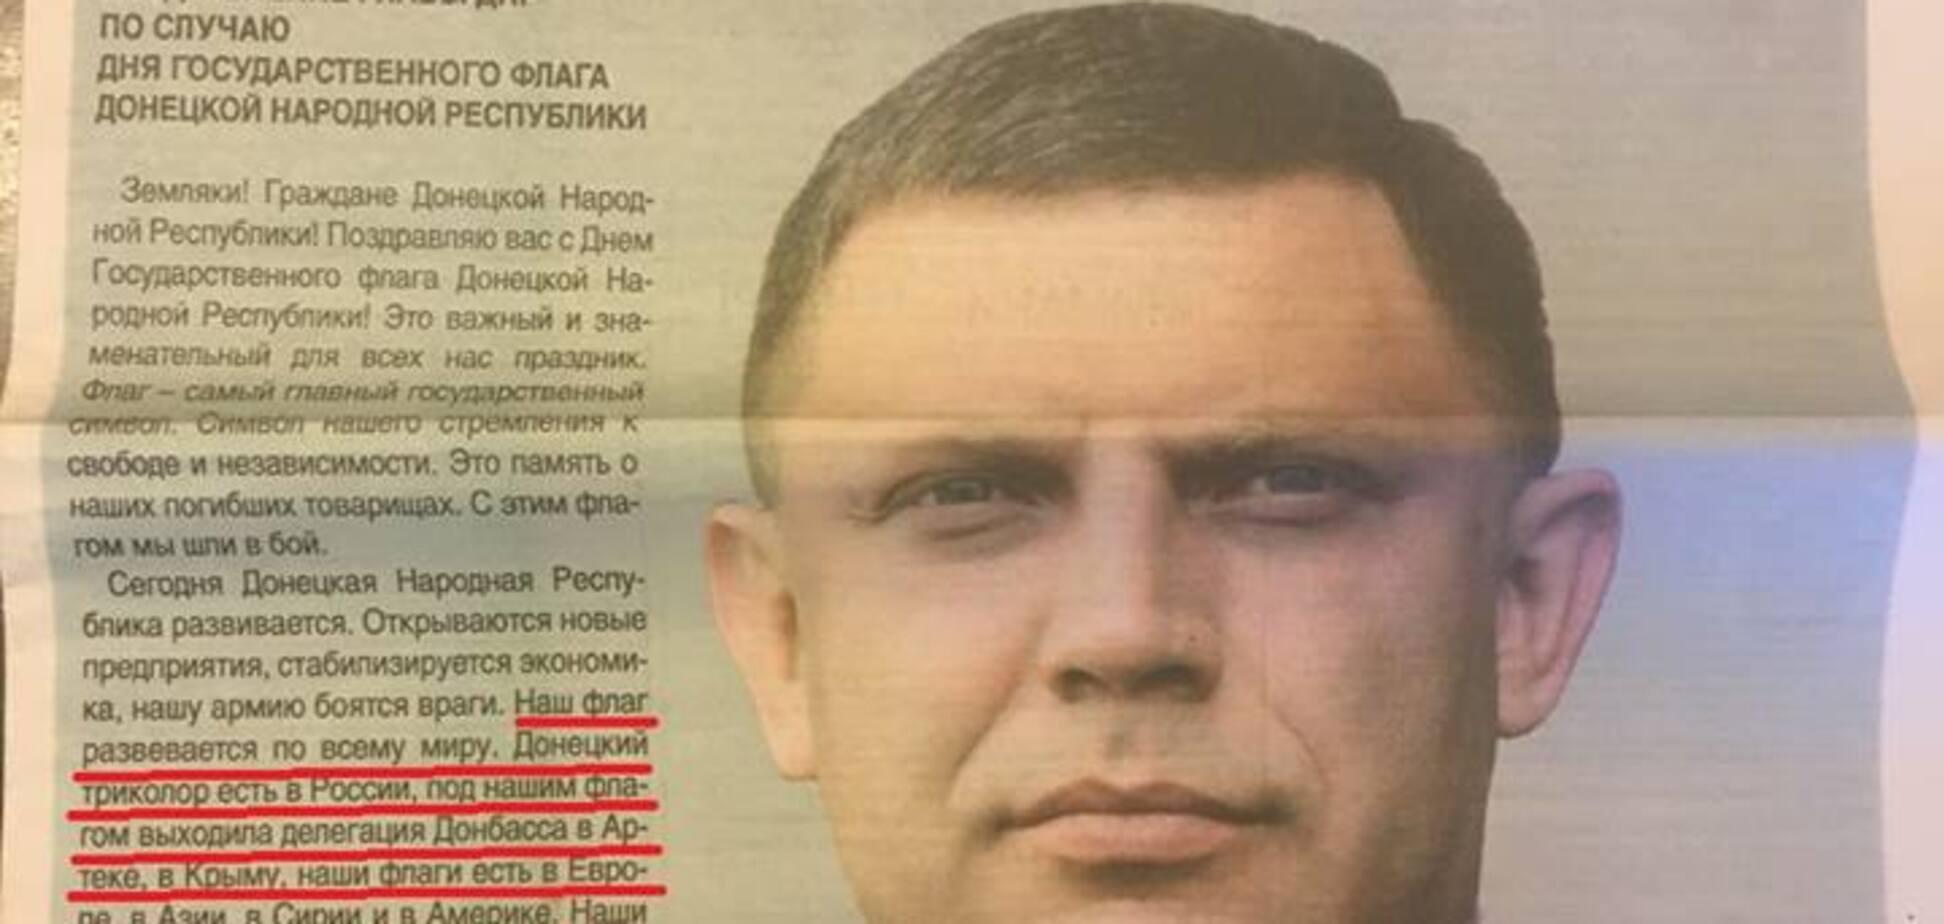 'Он совсем сдурел': Аброськин поднял на смех Захарченко